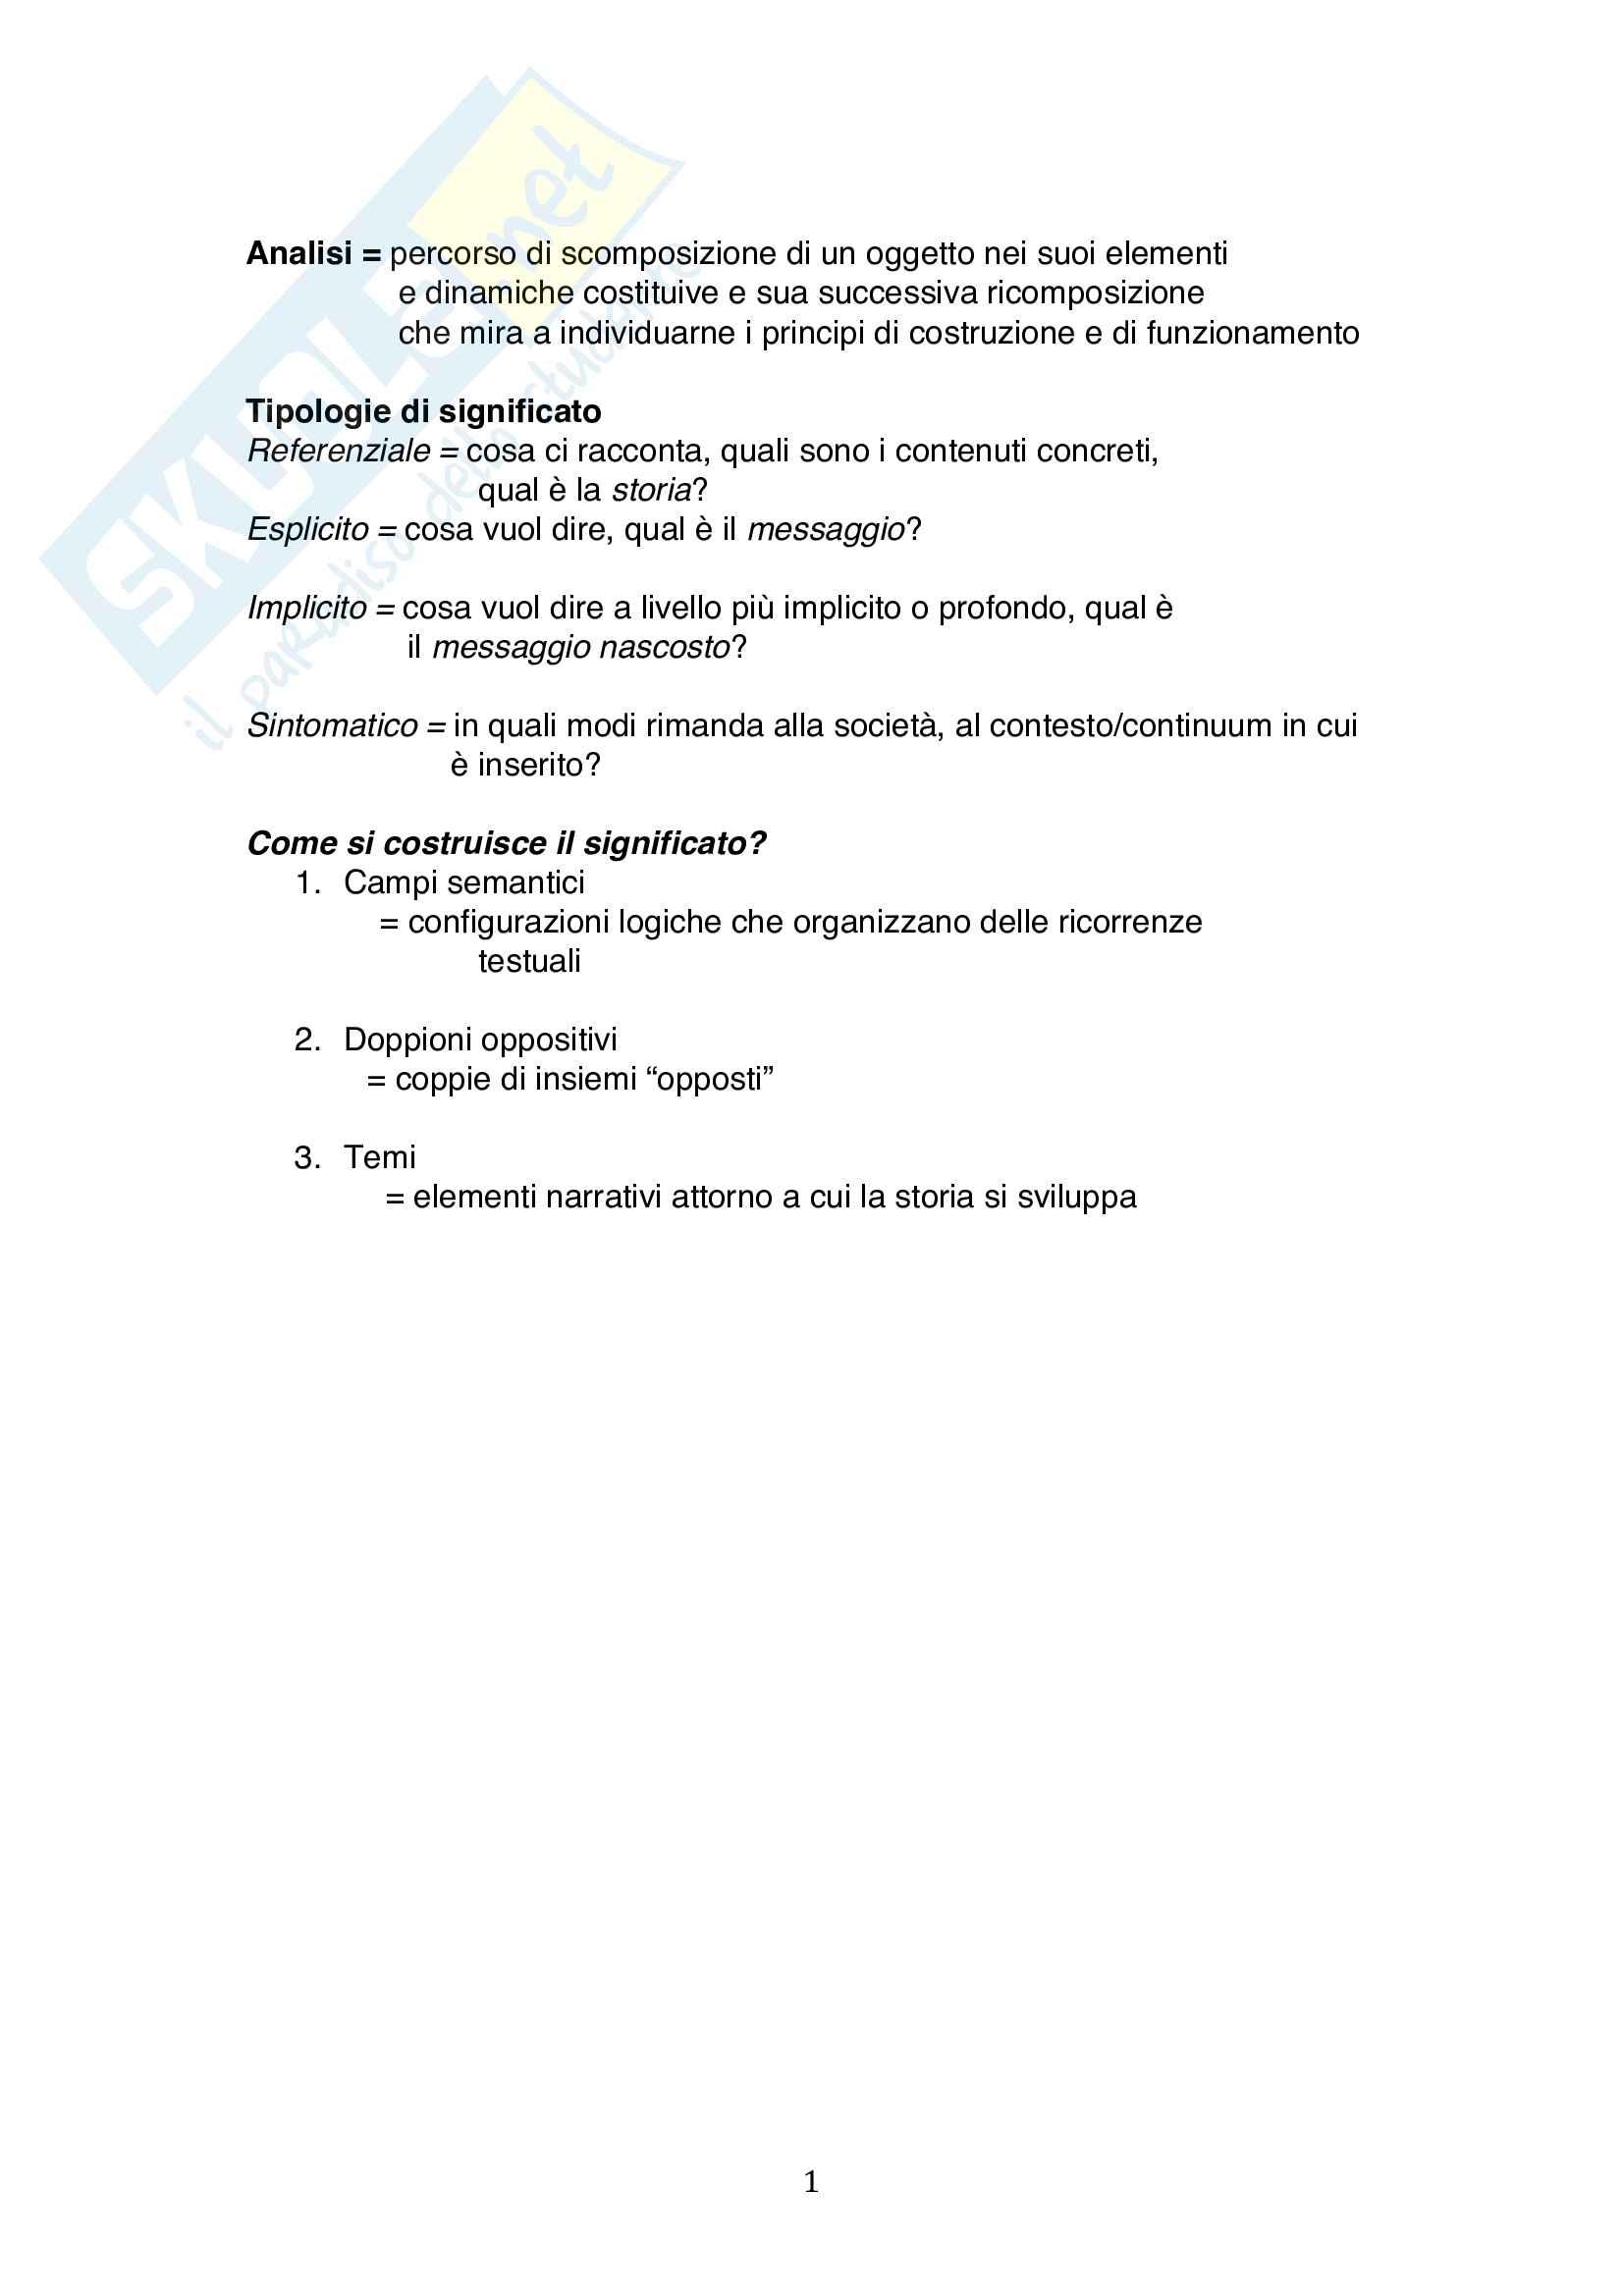 Riassunto esame Analisi del film, prof. Noto, libro consigliato Analisi del film, Casetti, Di Chio Pag. 1